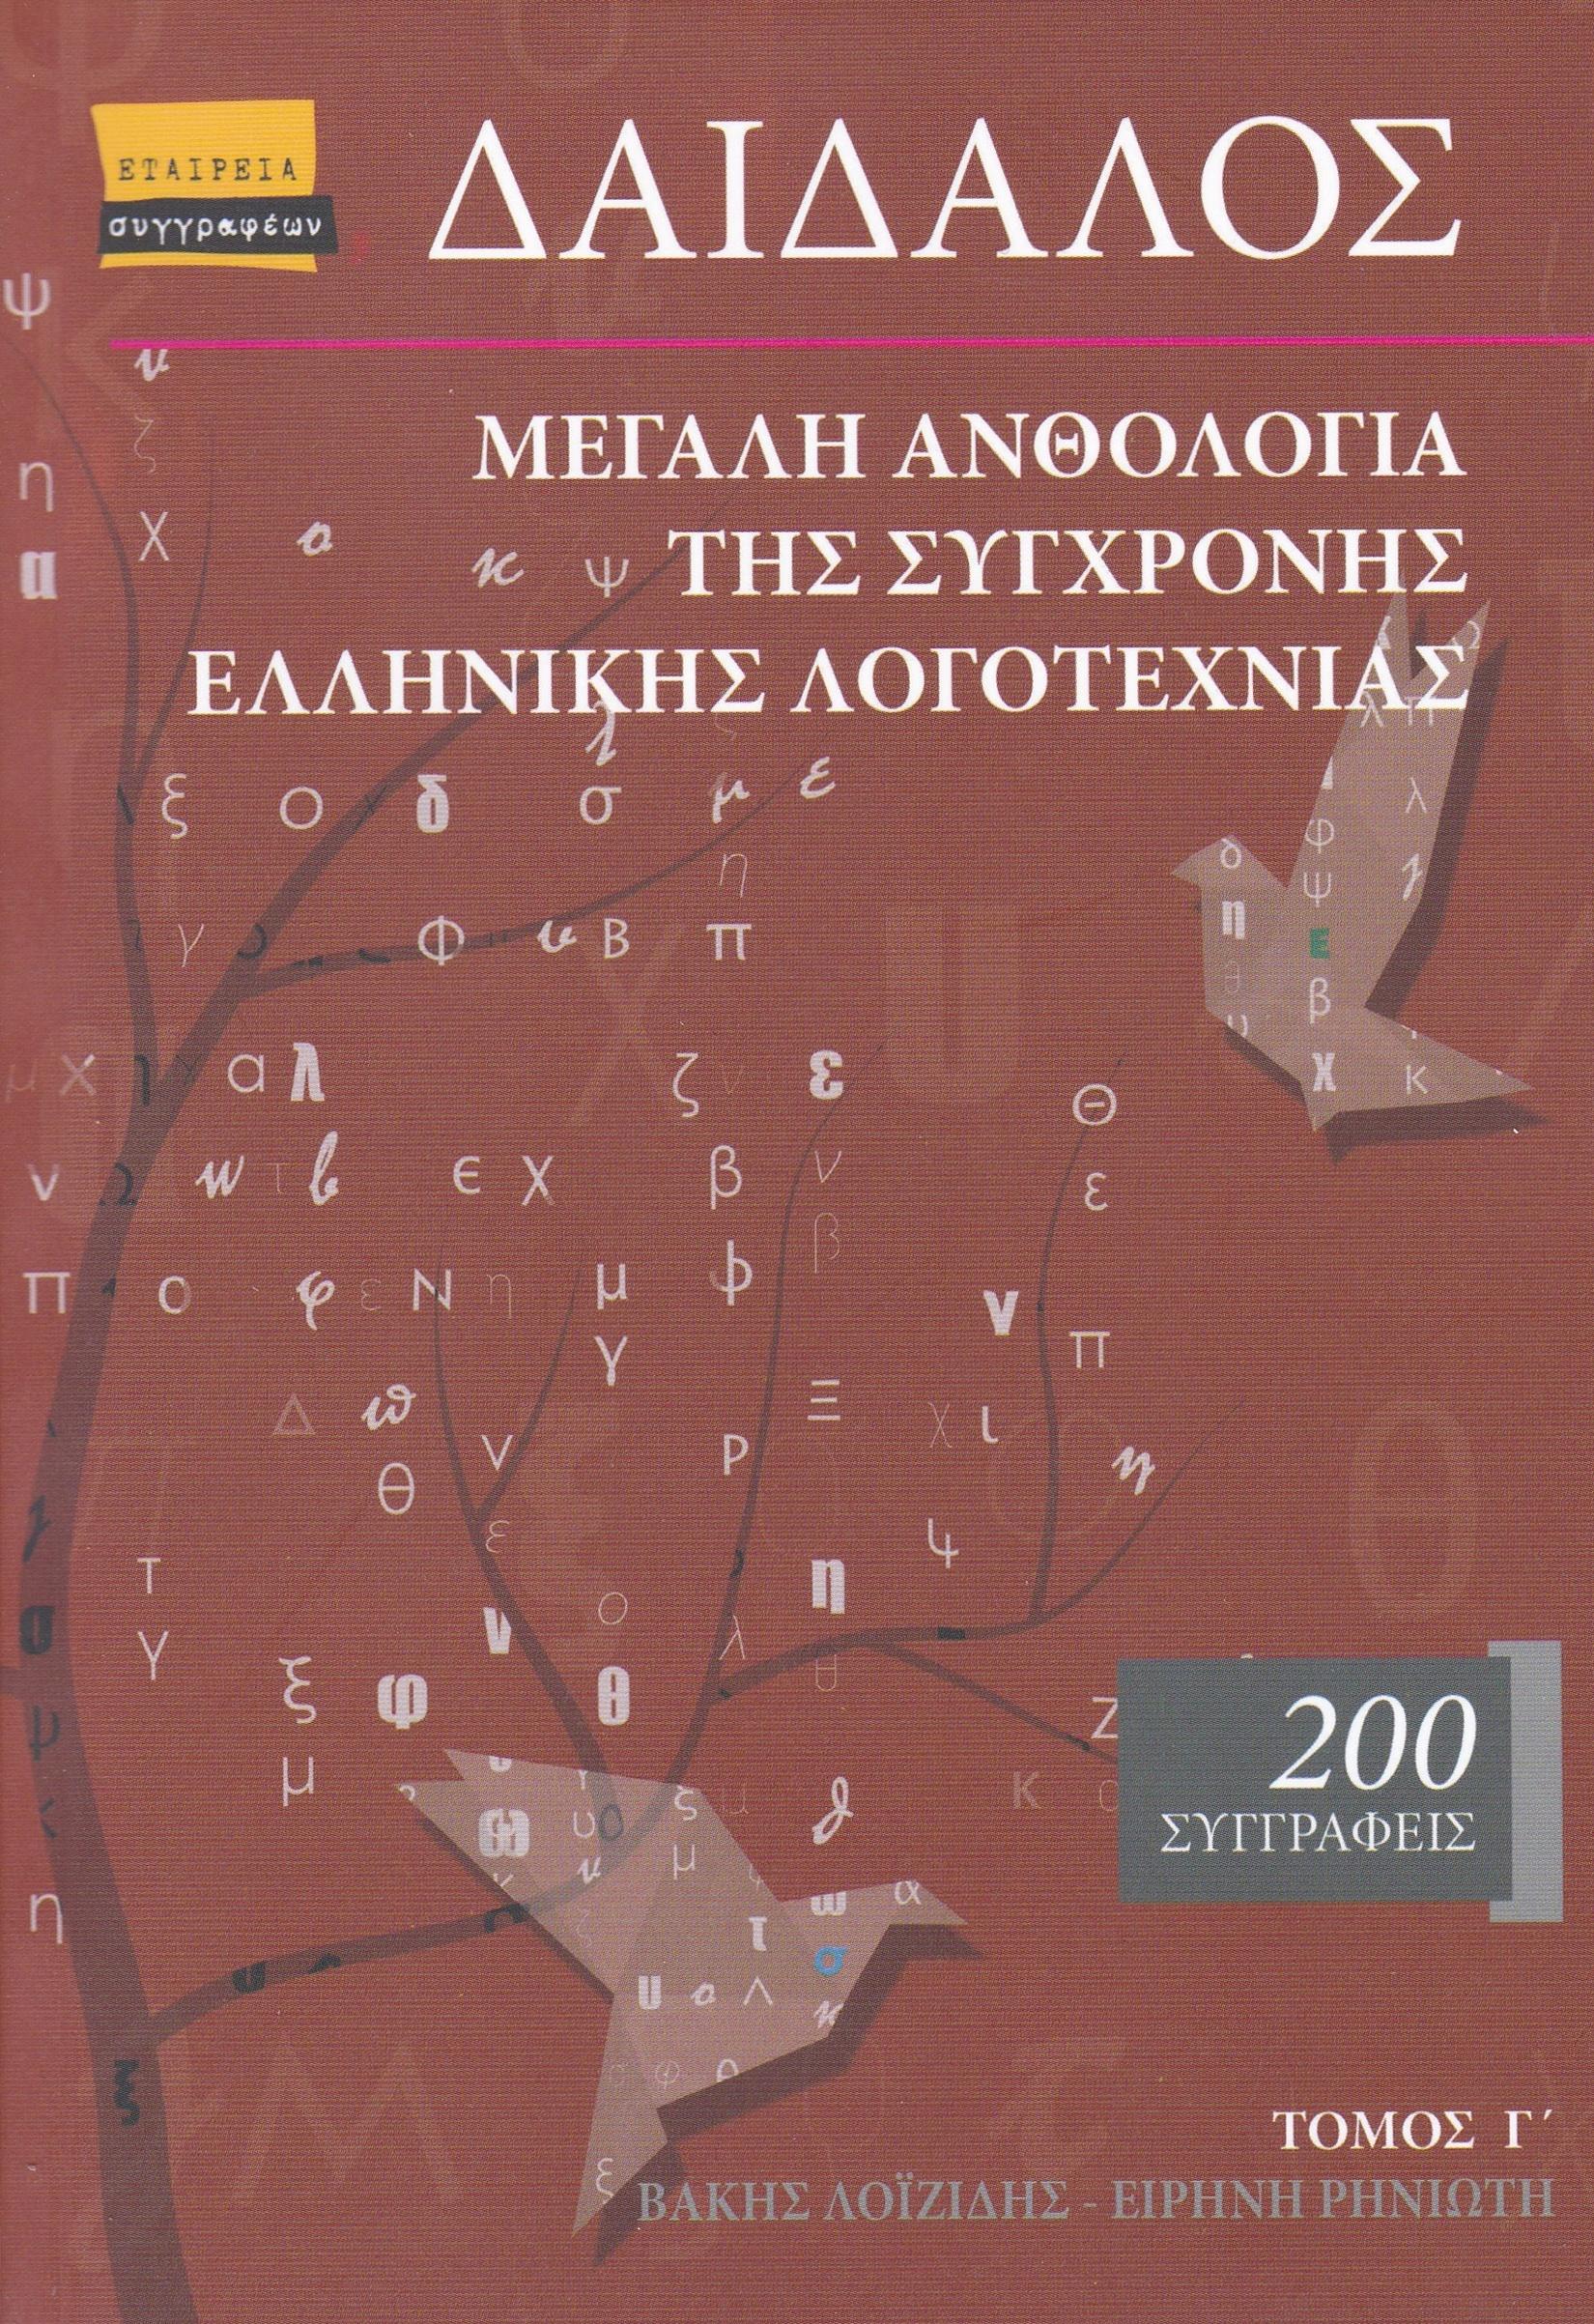 Δαίδαλος, Μεγάλη ανθολογία της σύγχρονης ελληνικής λογοτεχνίας